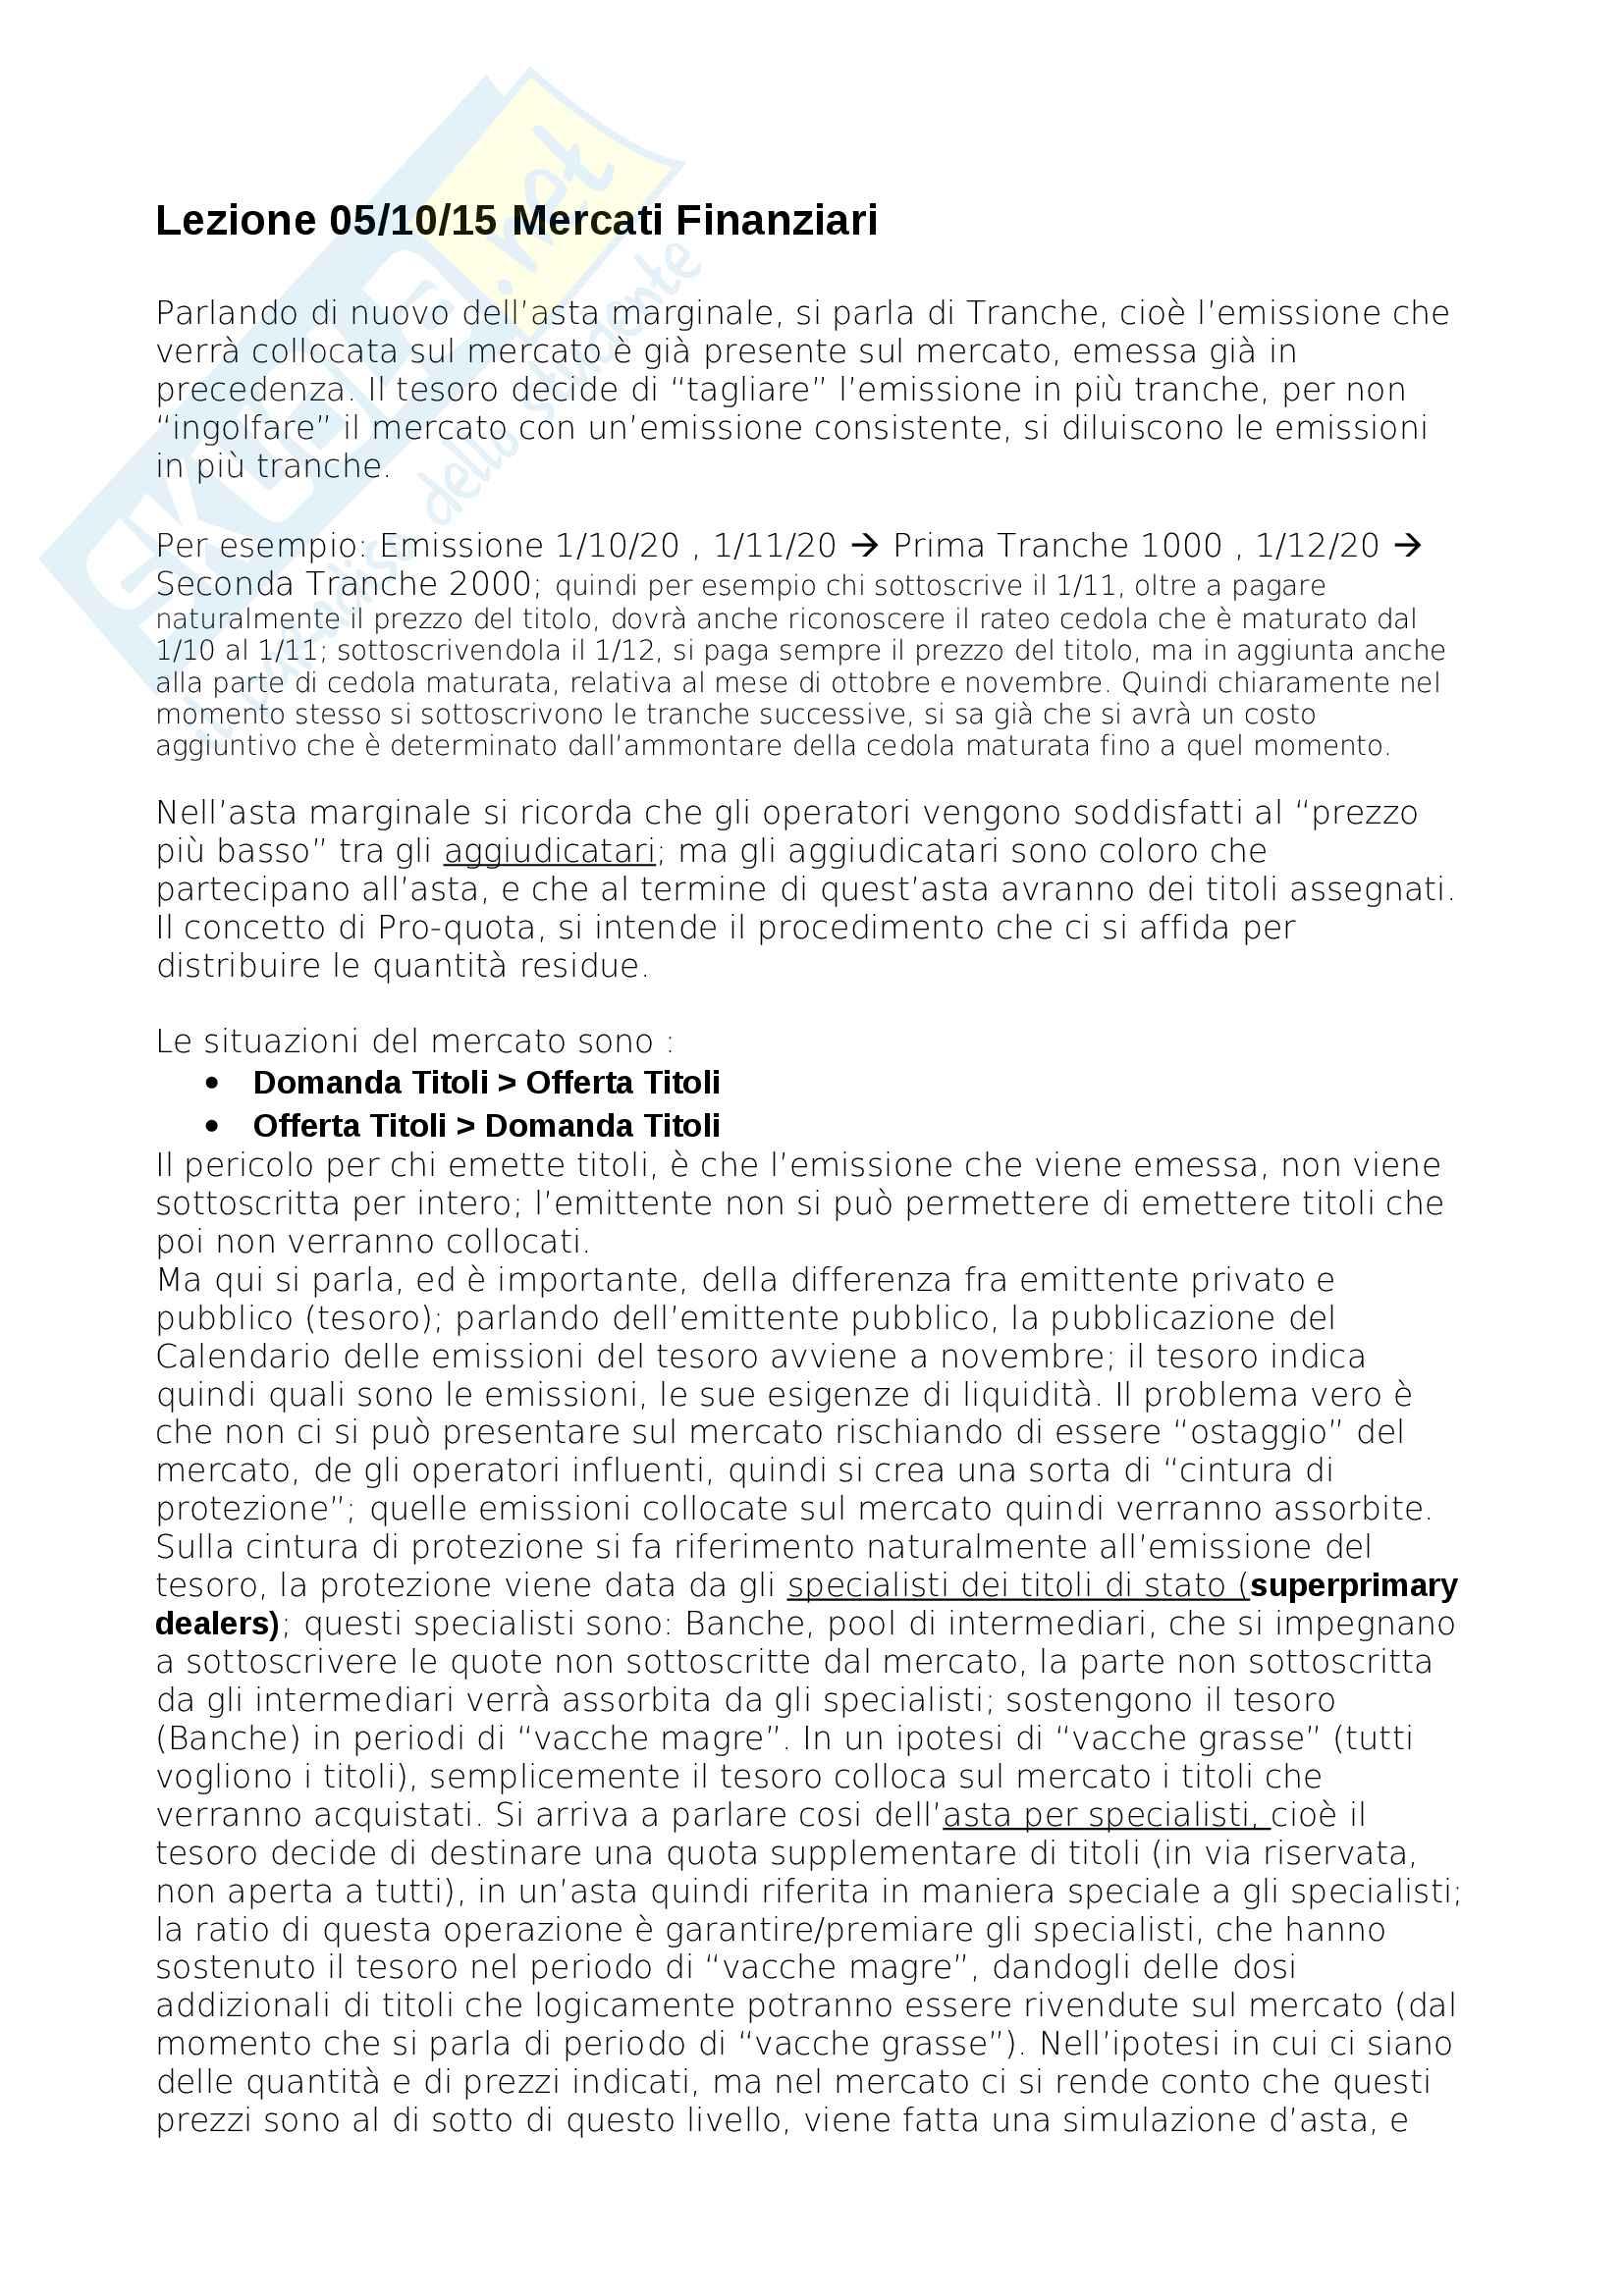 Lezione 05 10 Mercati finanziari